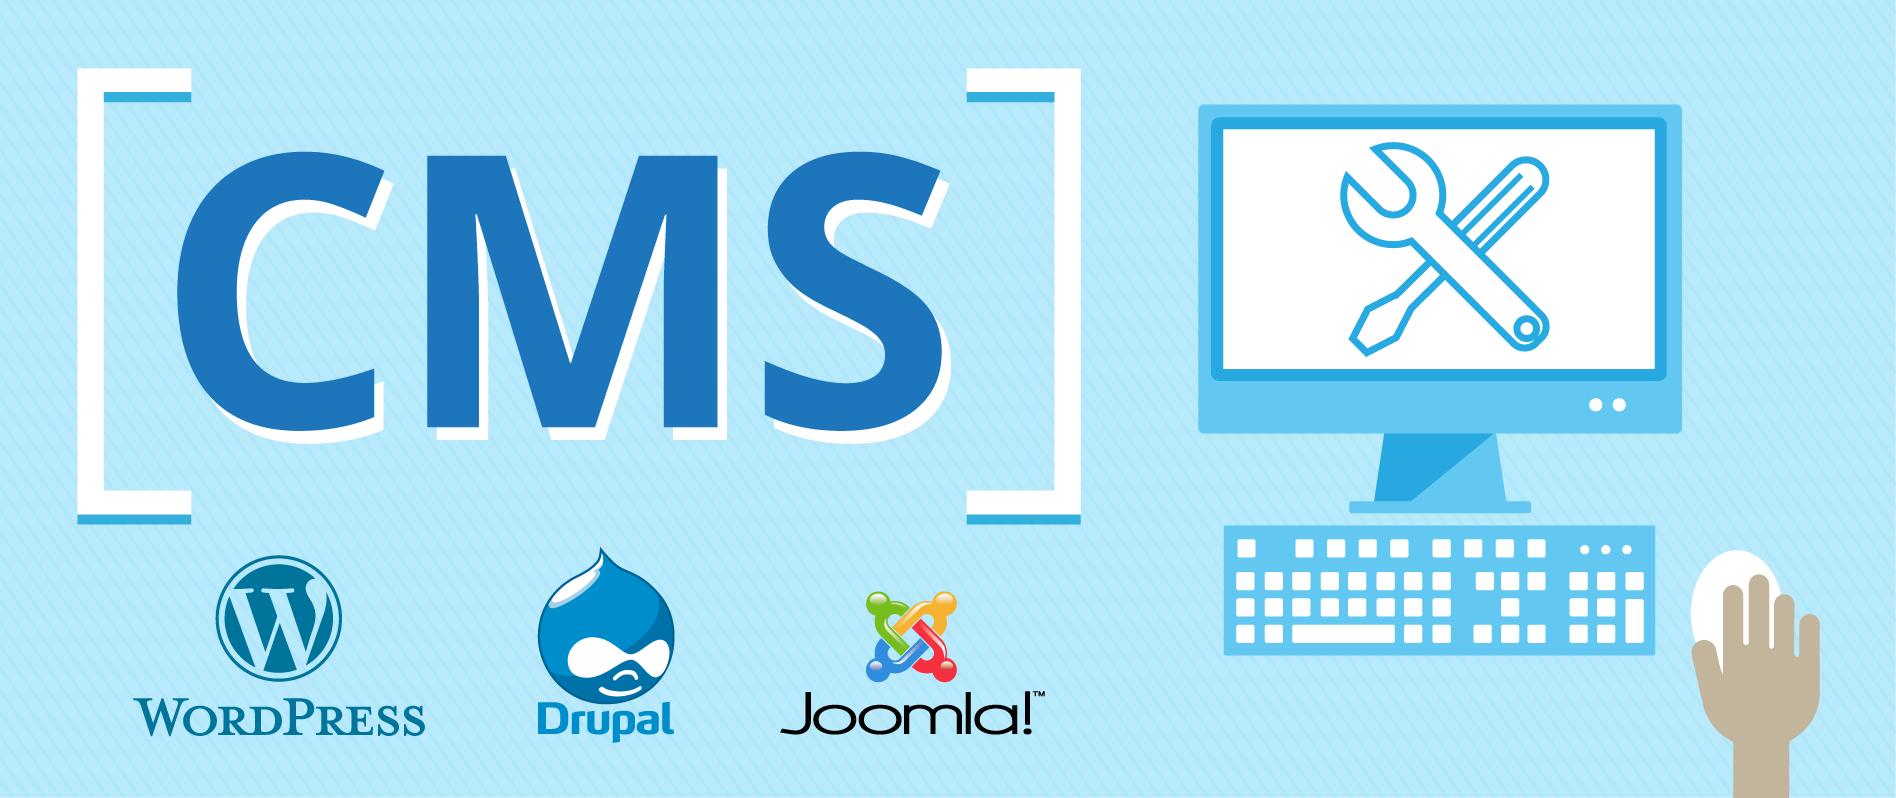 پرگاس: مزایا و معایب طراحی سایت با CMS اختصاصی